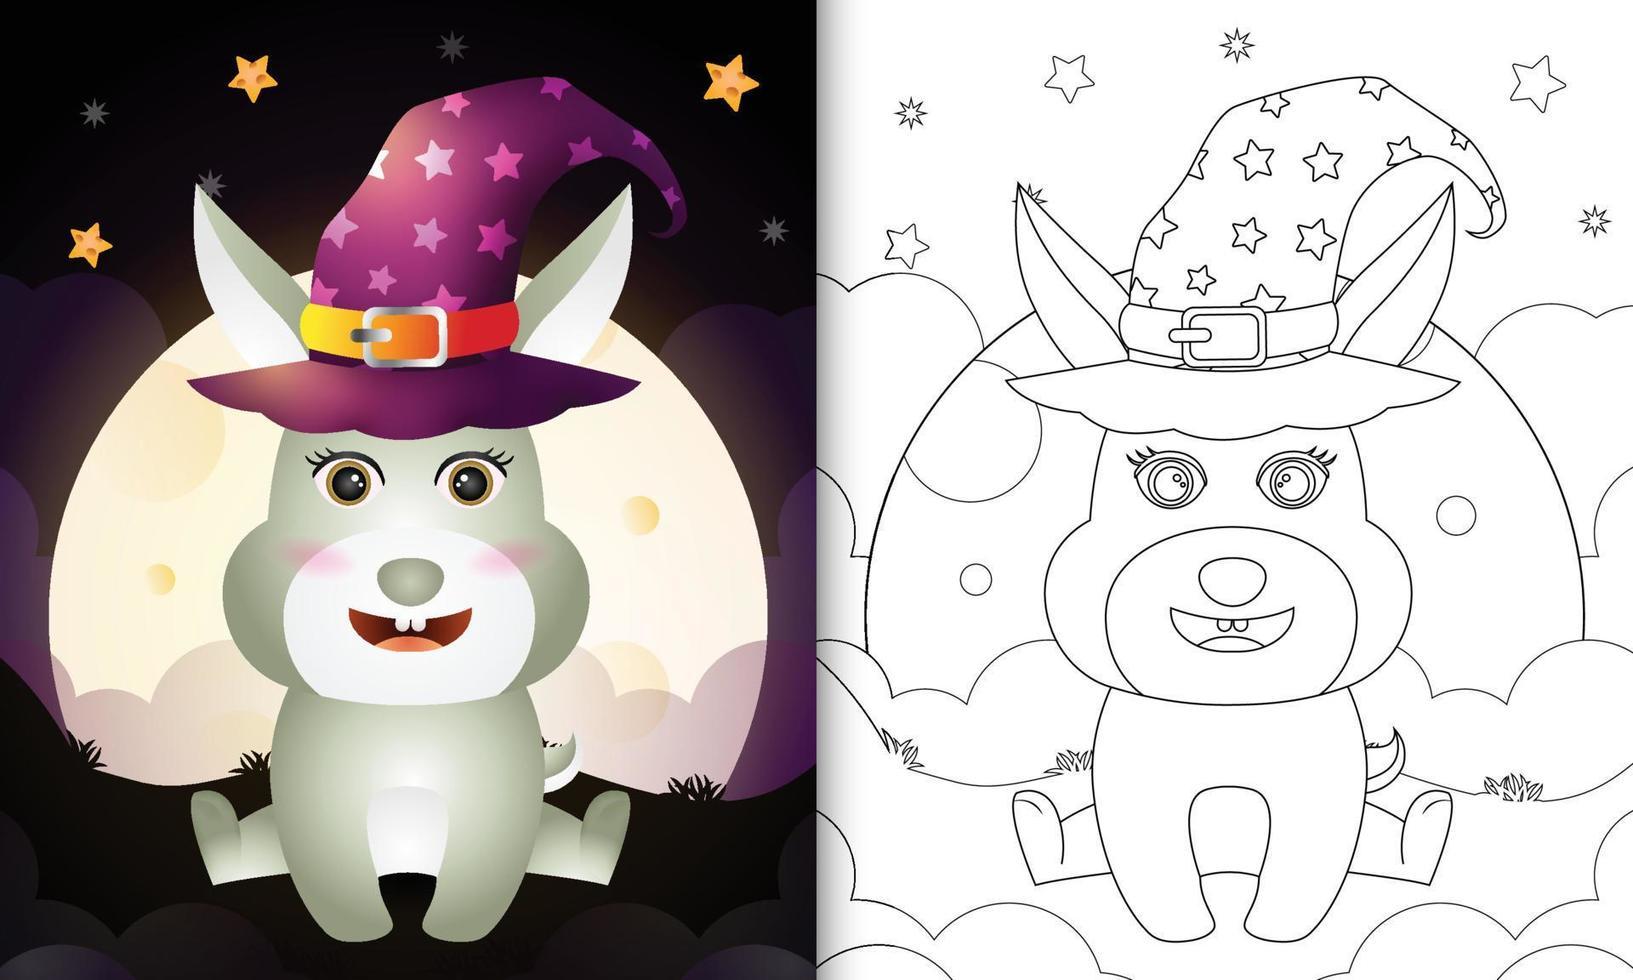 Malbuch mit einem niedlichen Cartoon-Halloween-Hexe-Kaninchen vor dem Mond vektor